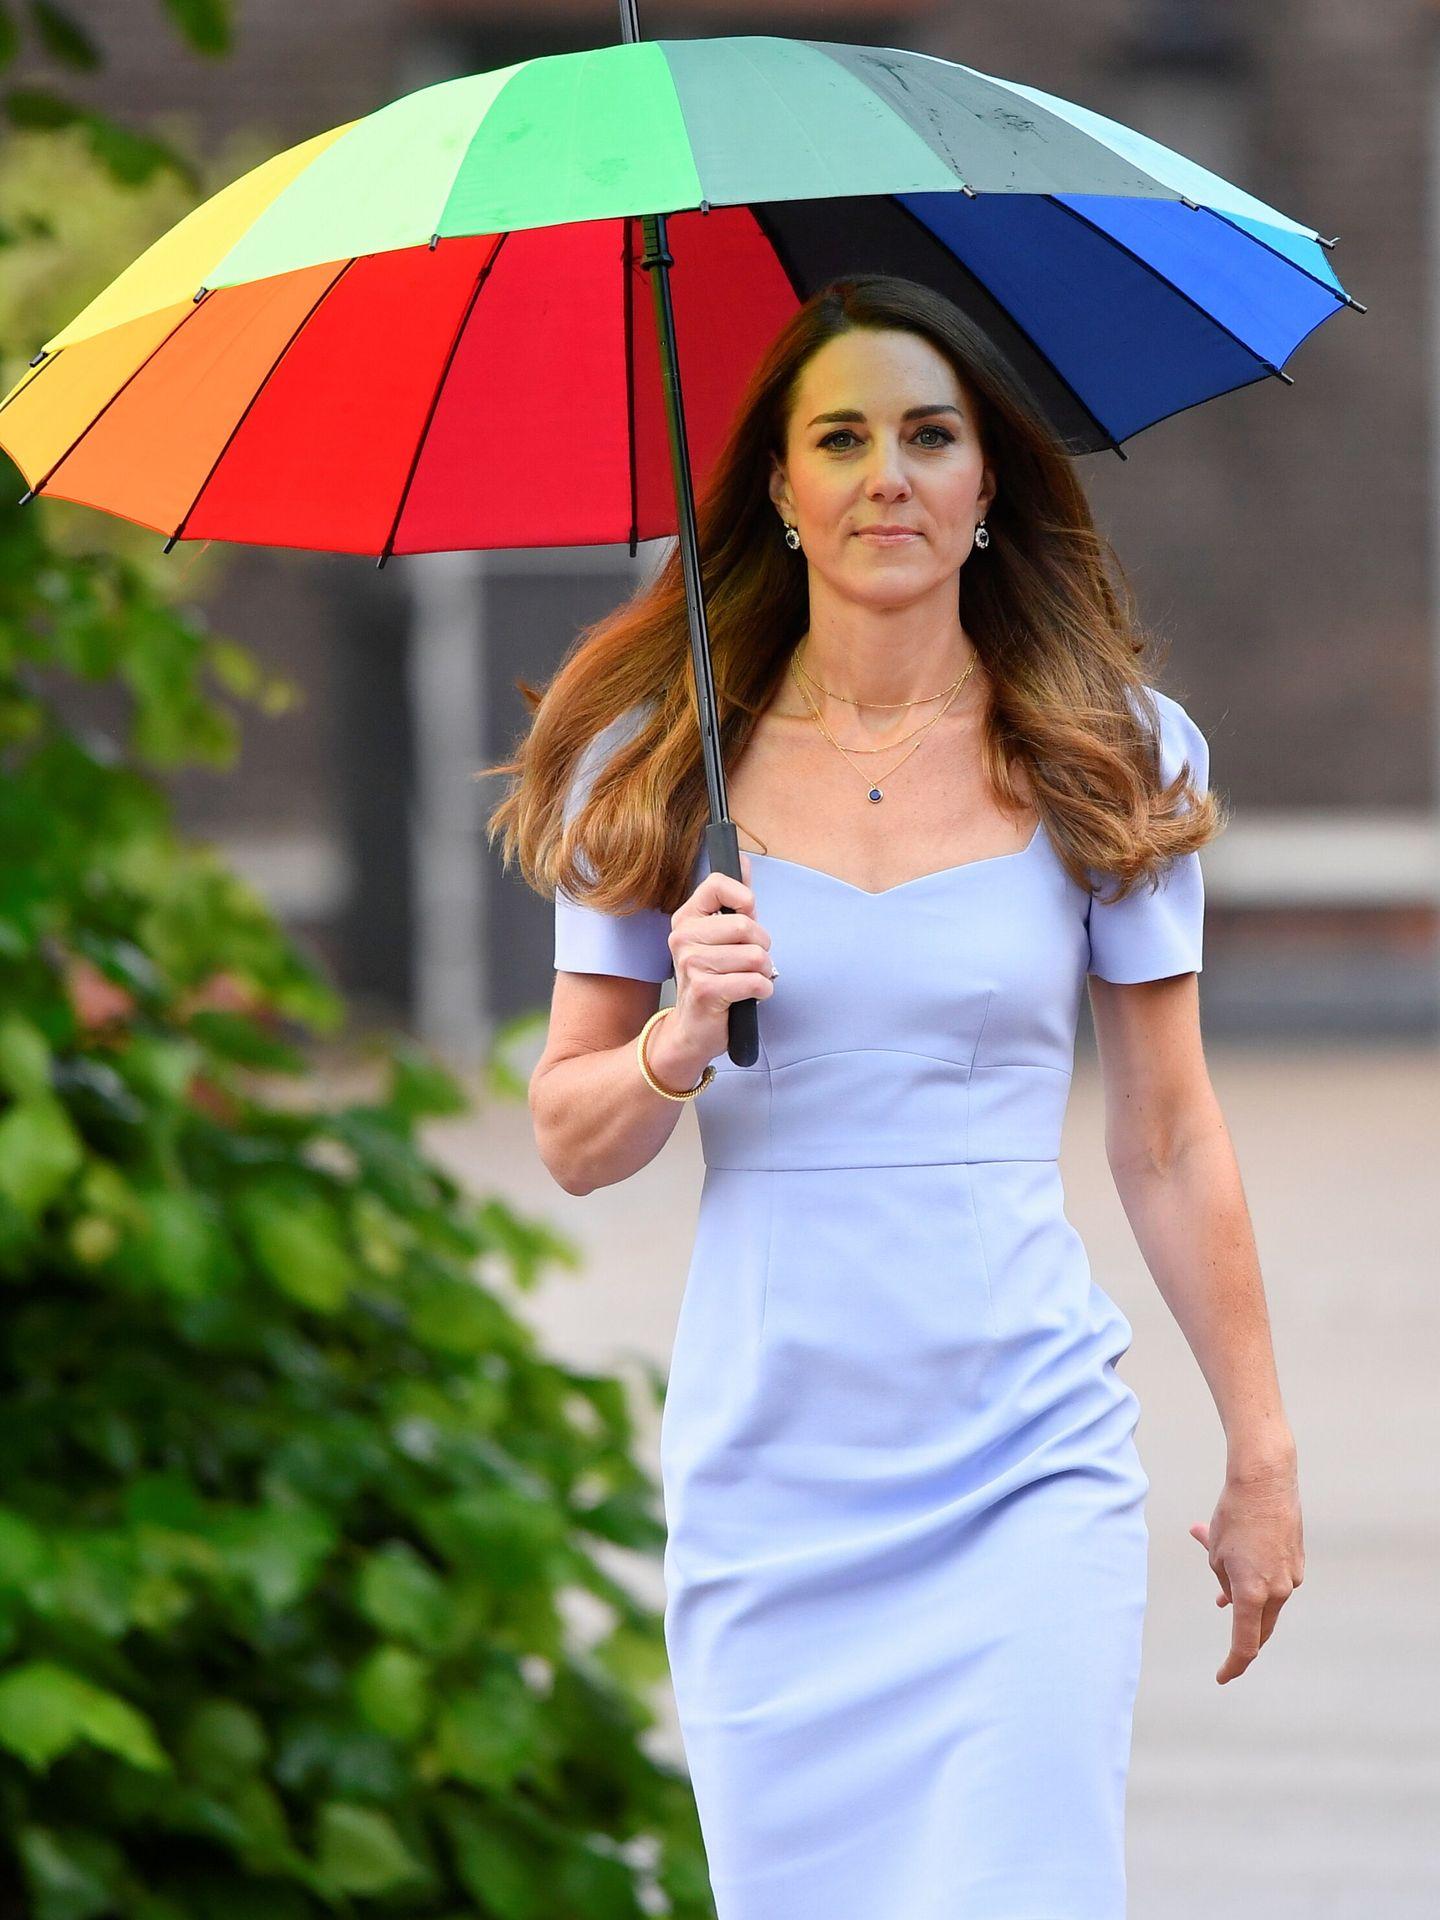 La duquesa de Cambridge con paraguas arcoíris. (Reuters)